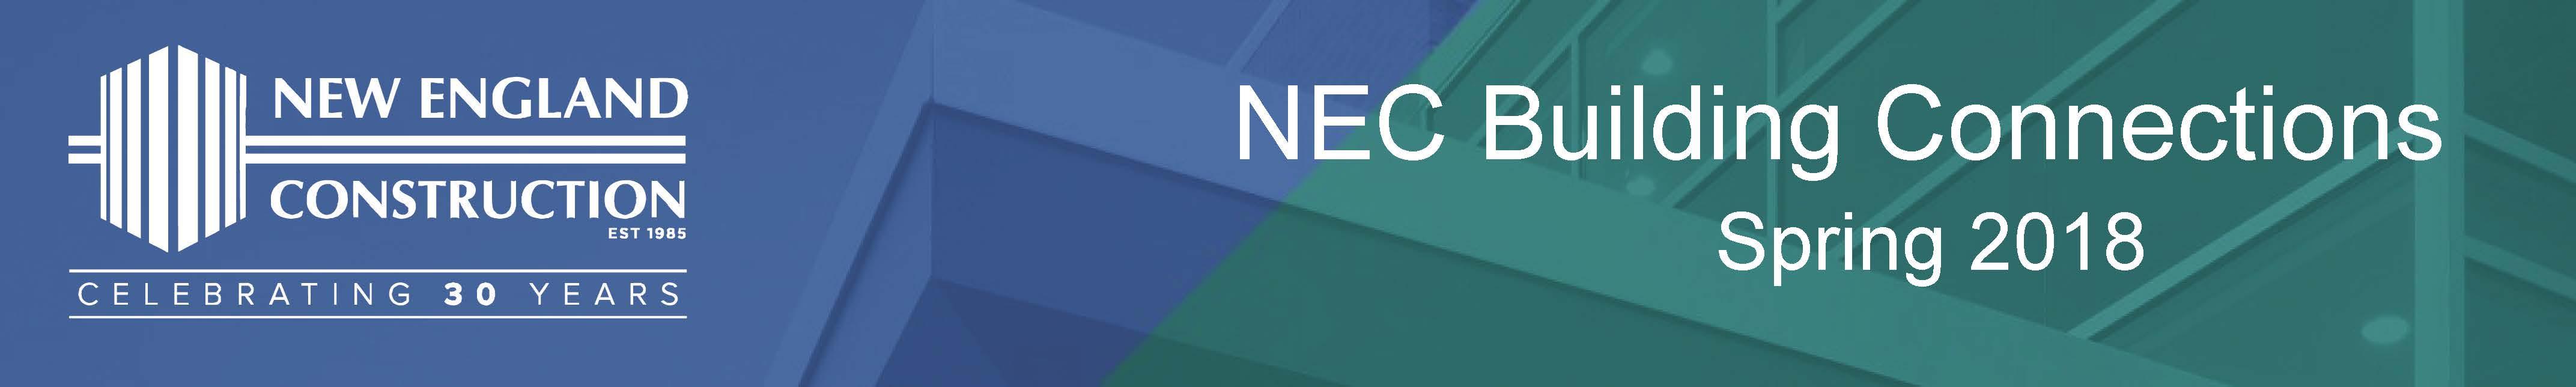 NEC_BuildingConnections_Header_Spring_2018.jpg